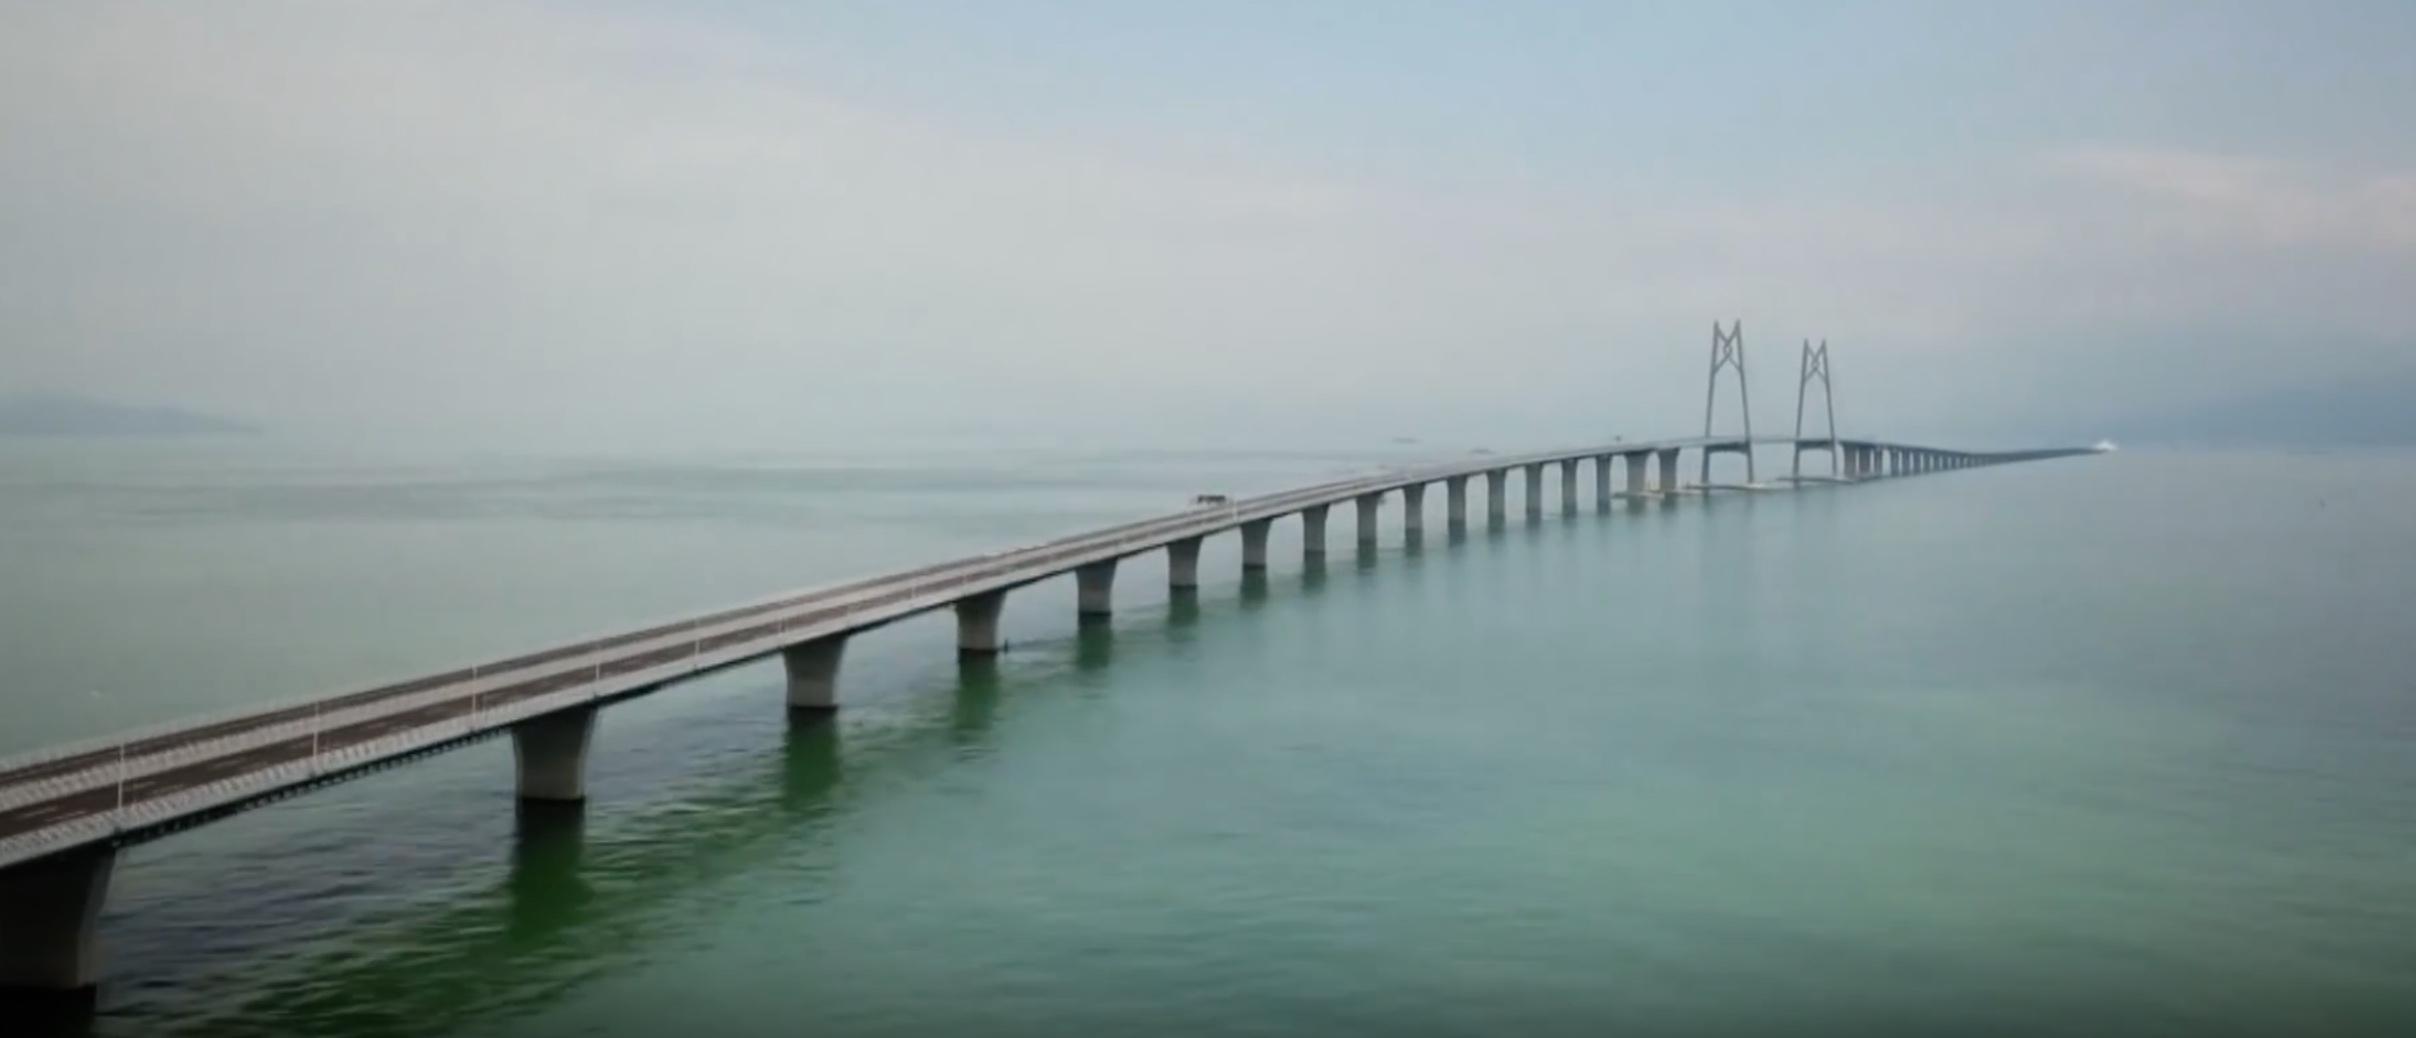 Chinese zeebrug